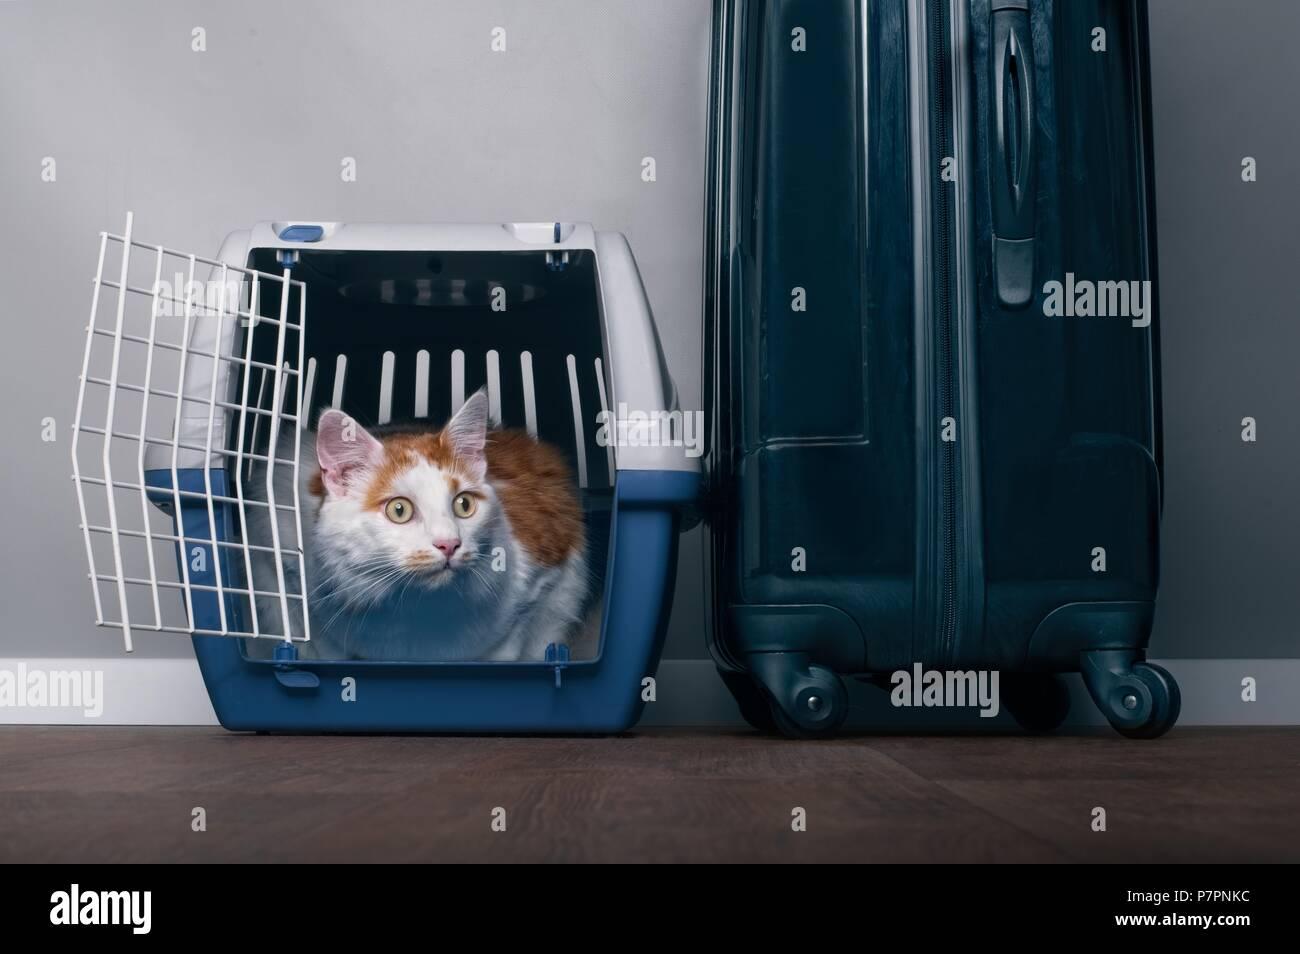 Carino tabby cat sedersi in una cassa viaggio accanto una valigia e aspetto con ansia sideway s. Immagini Stock